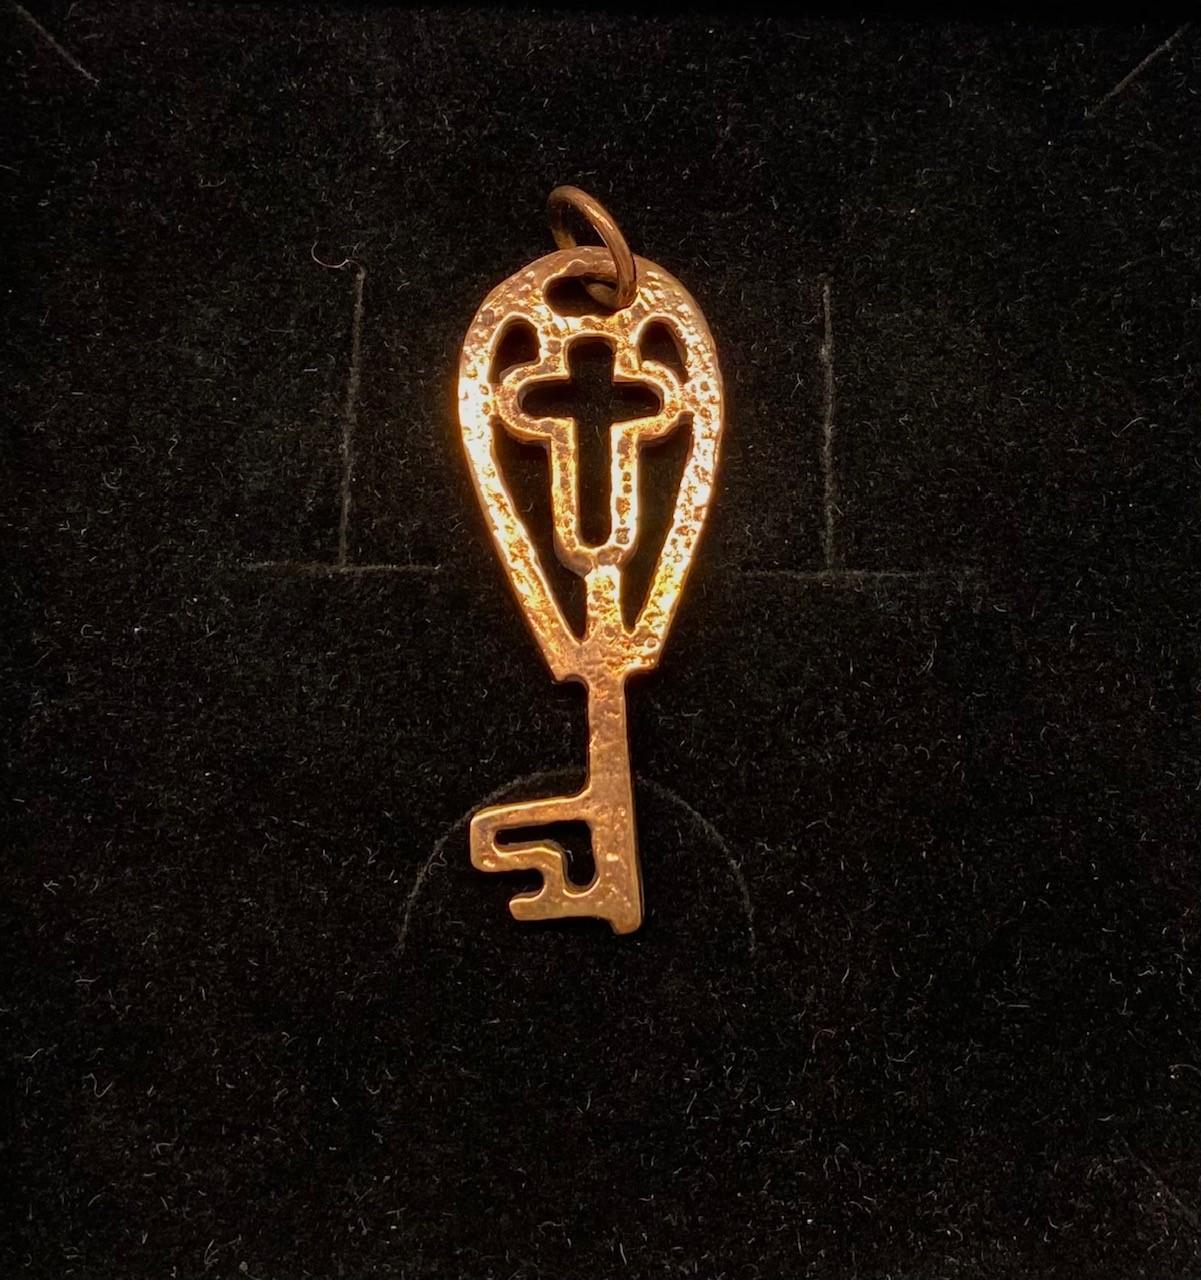 Vikingevedhæng i bronze - Himmelnøgle med kors, kors, Vikingevedhæng i bronze - Himmelnøgle stor vikingesmykke - vikingevedhæng vedhæng bronze vikinge nøglen til himmeriget